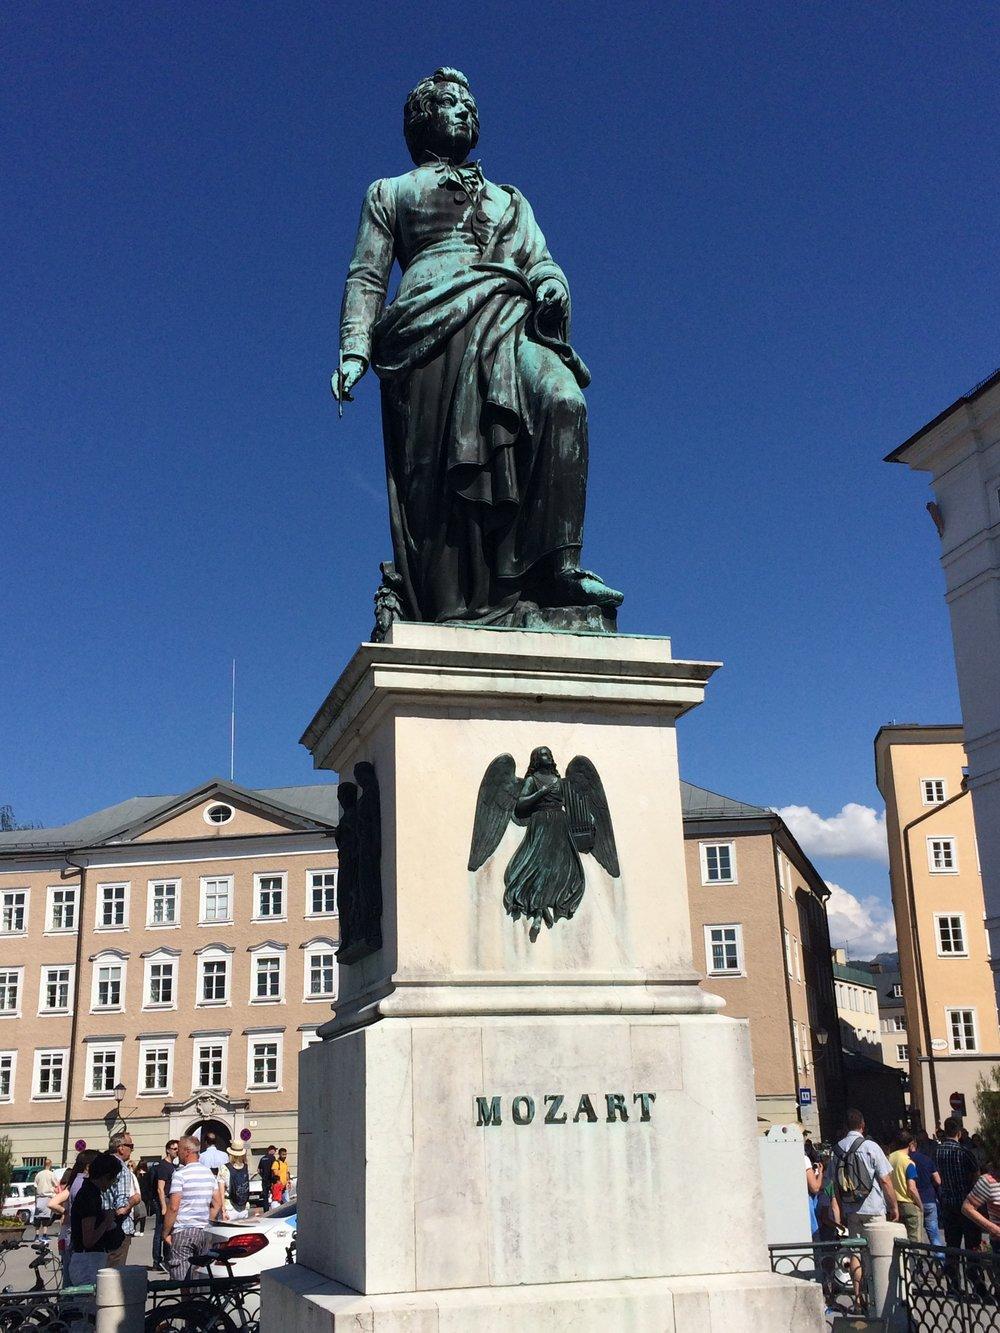 Famed son of Salzburg